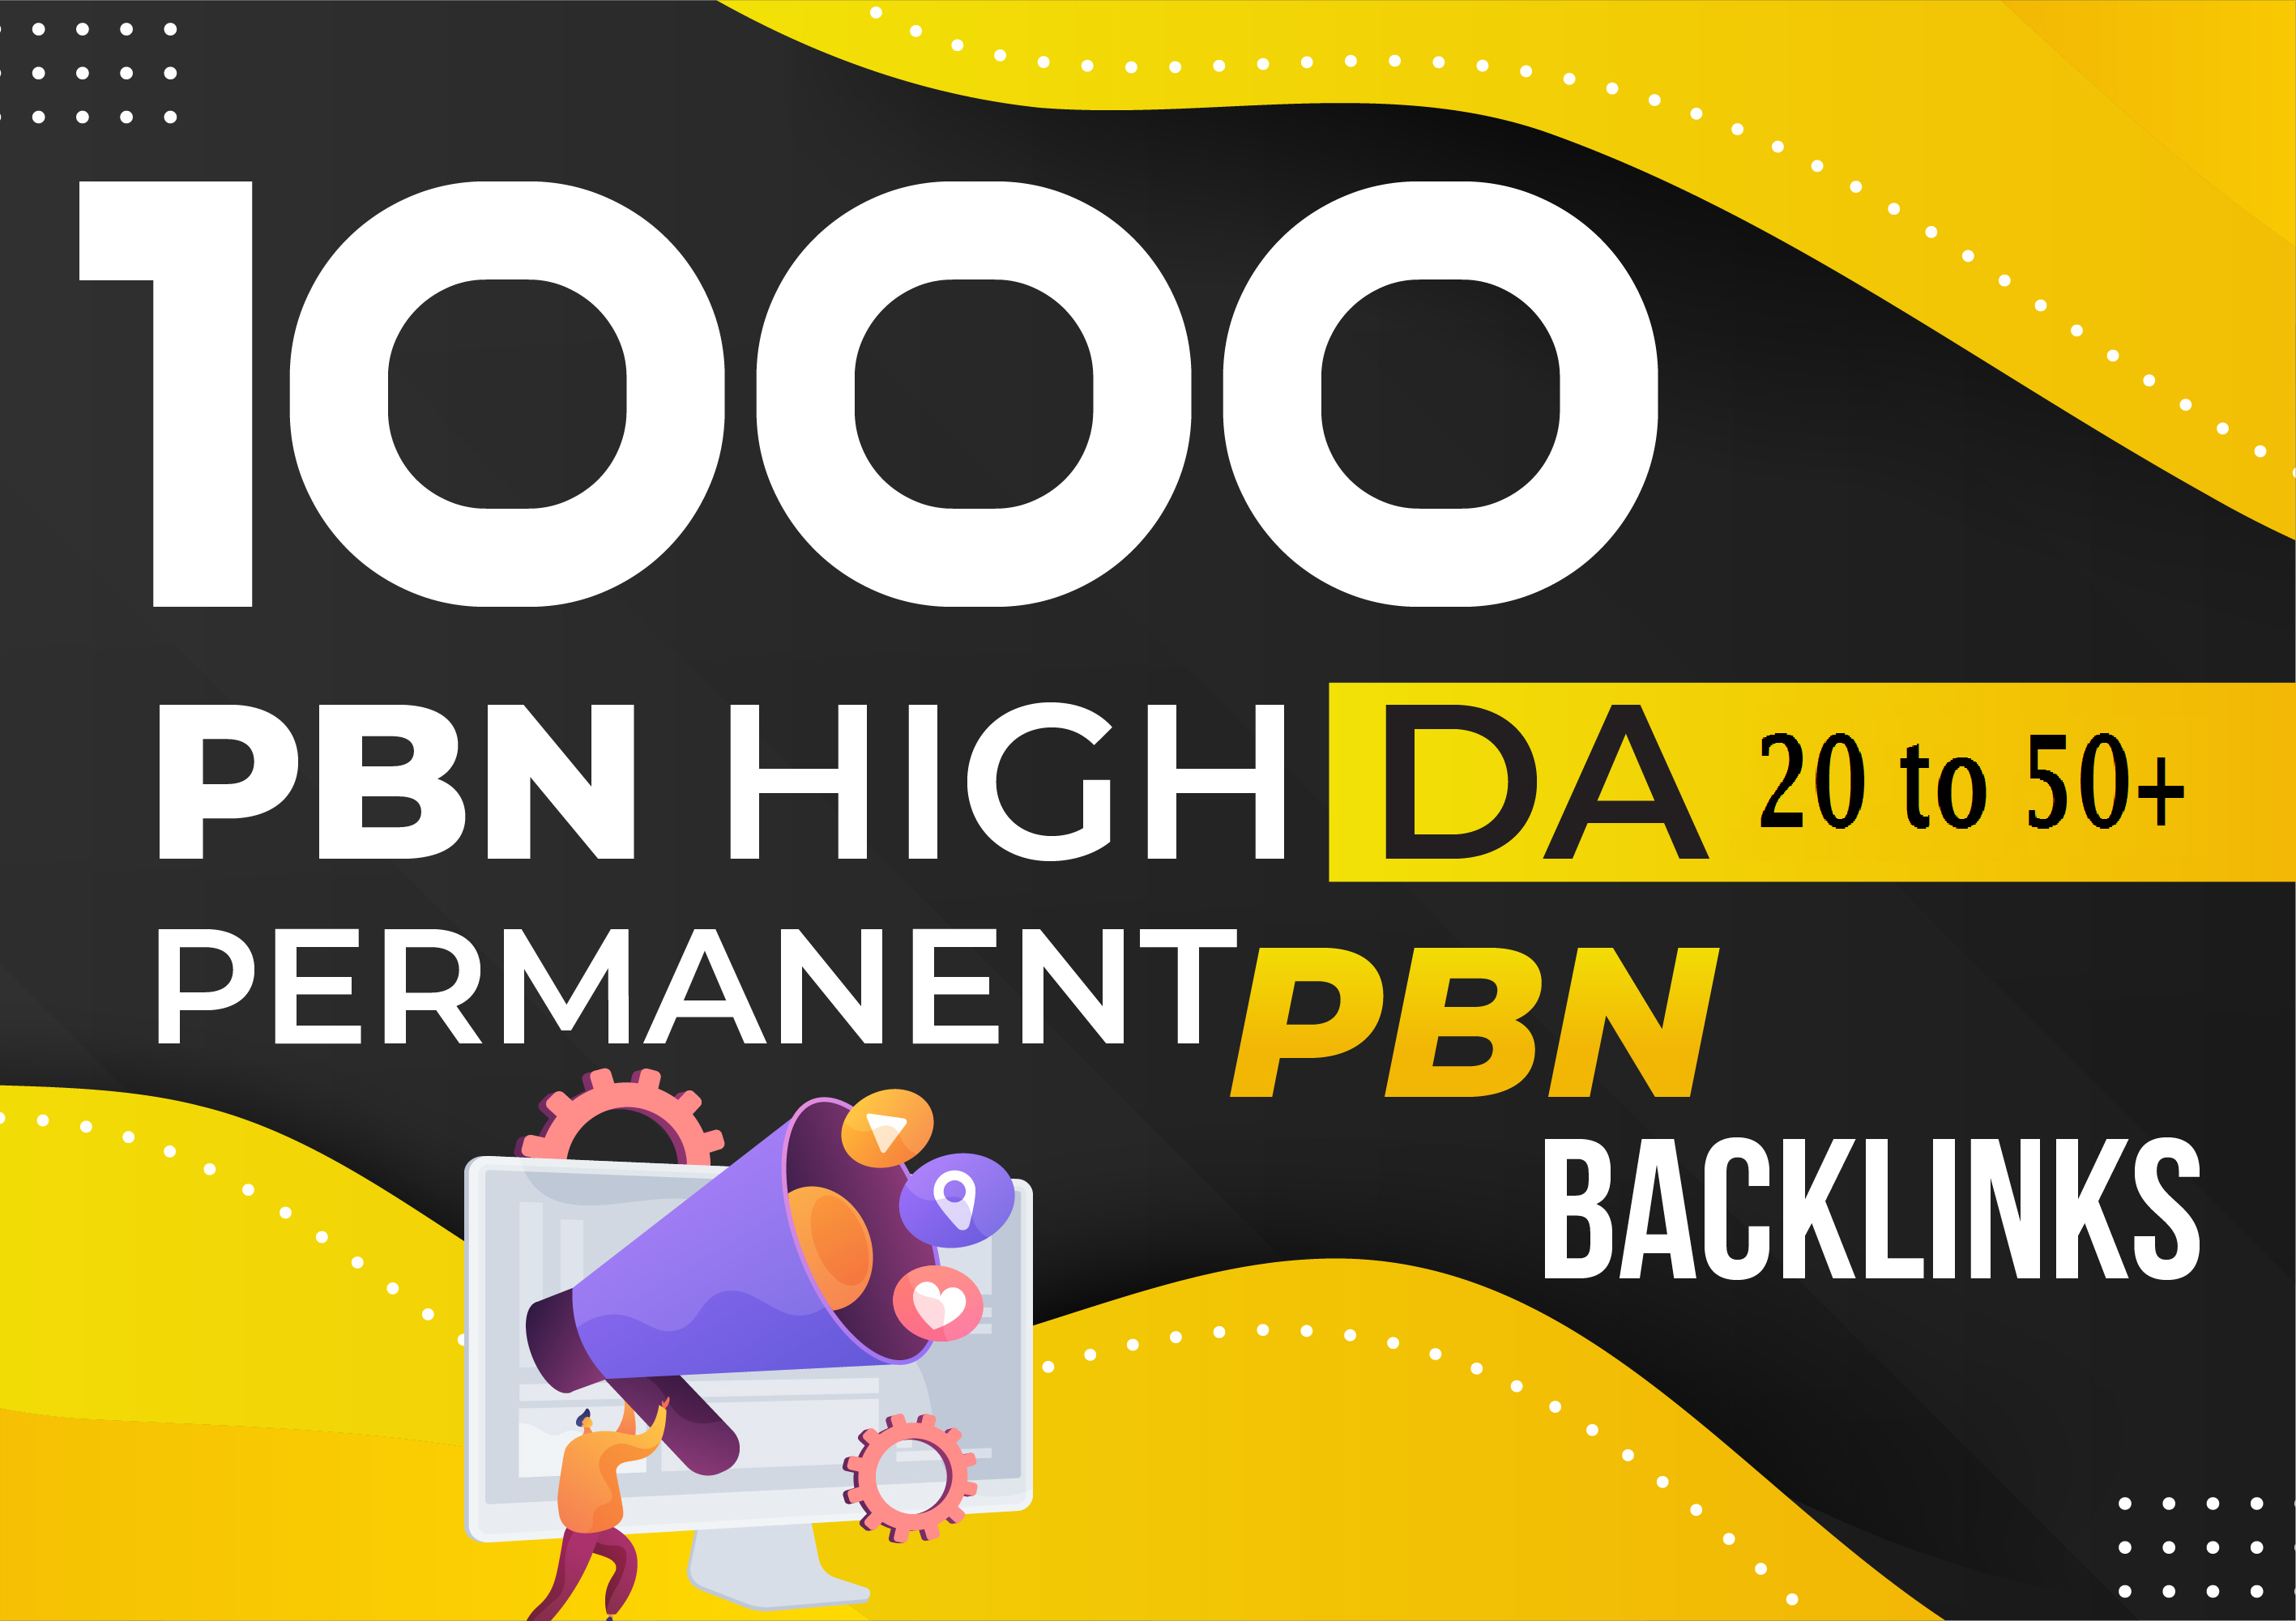 1000 all pbns DA 20 to 50 High quality DO follow permeant backlinks